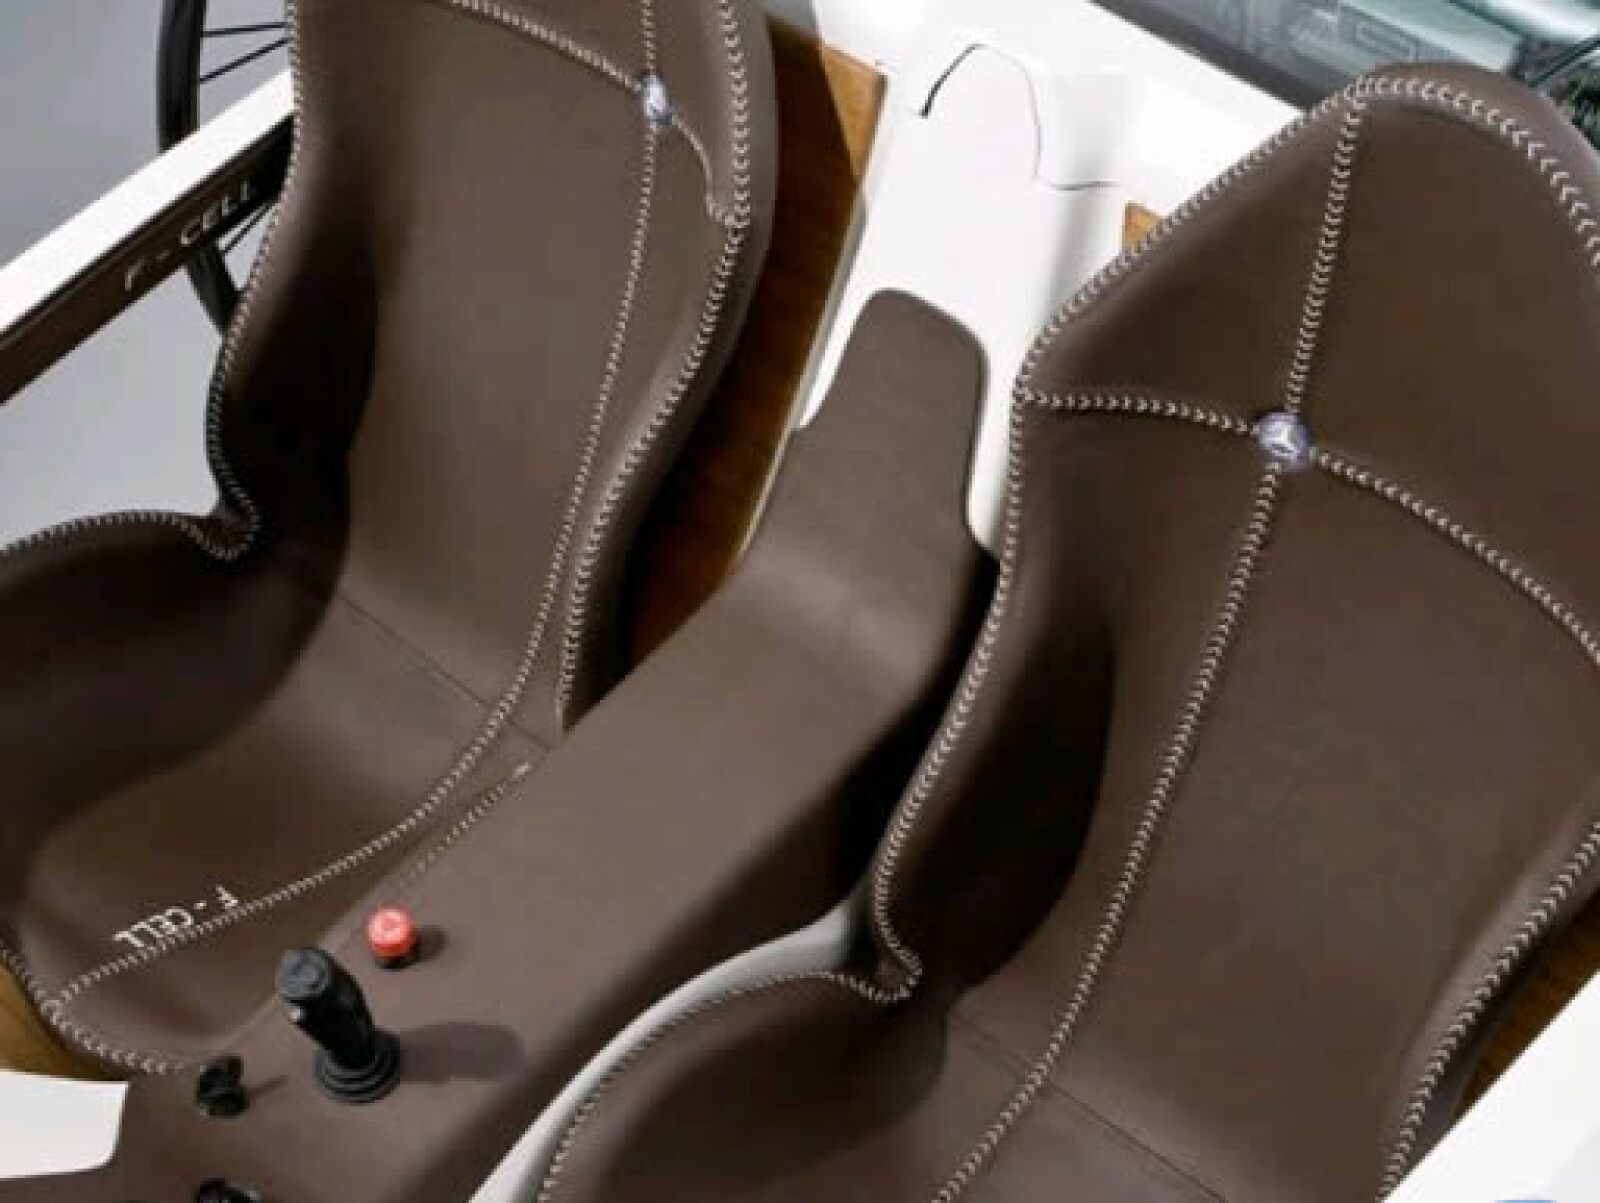 Los asientos son de fibra de carbono recubiertas con cuero cosido a mano.